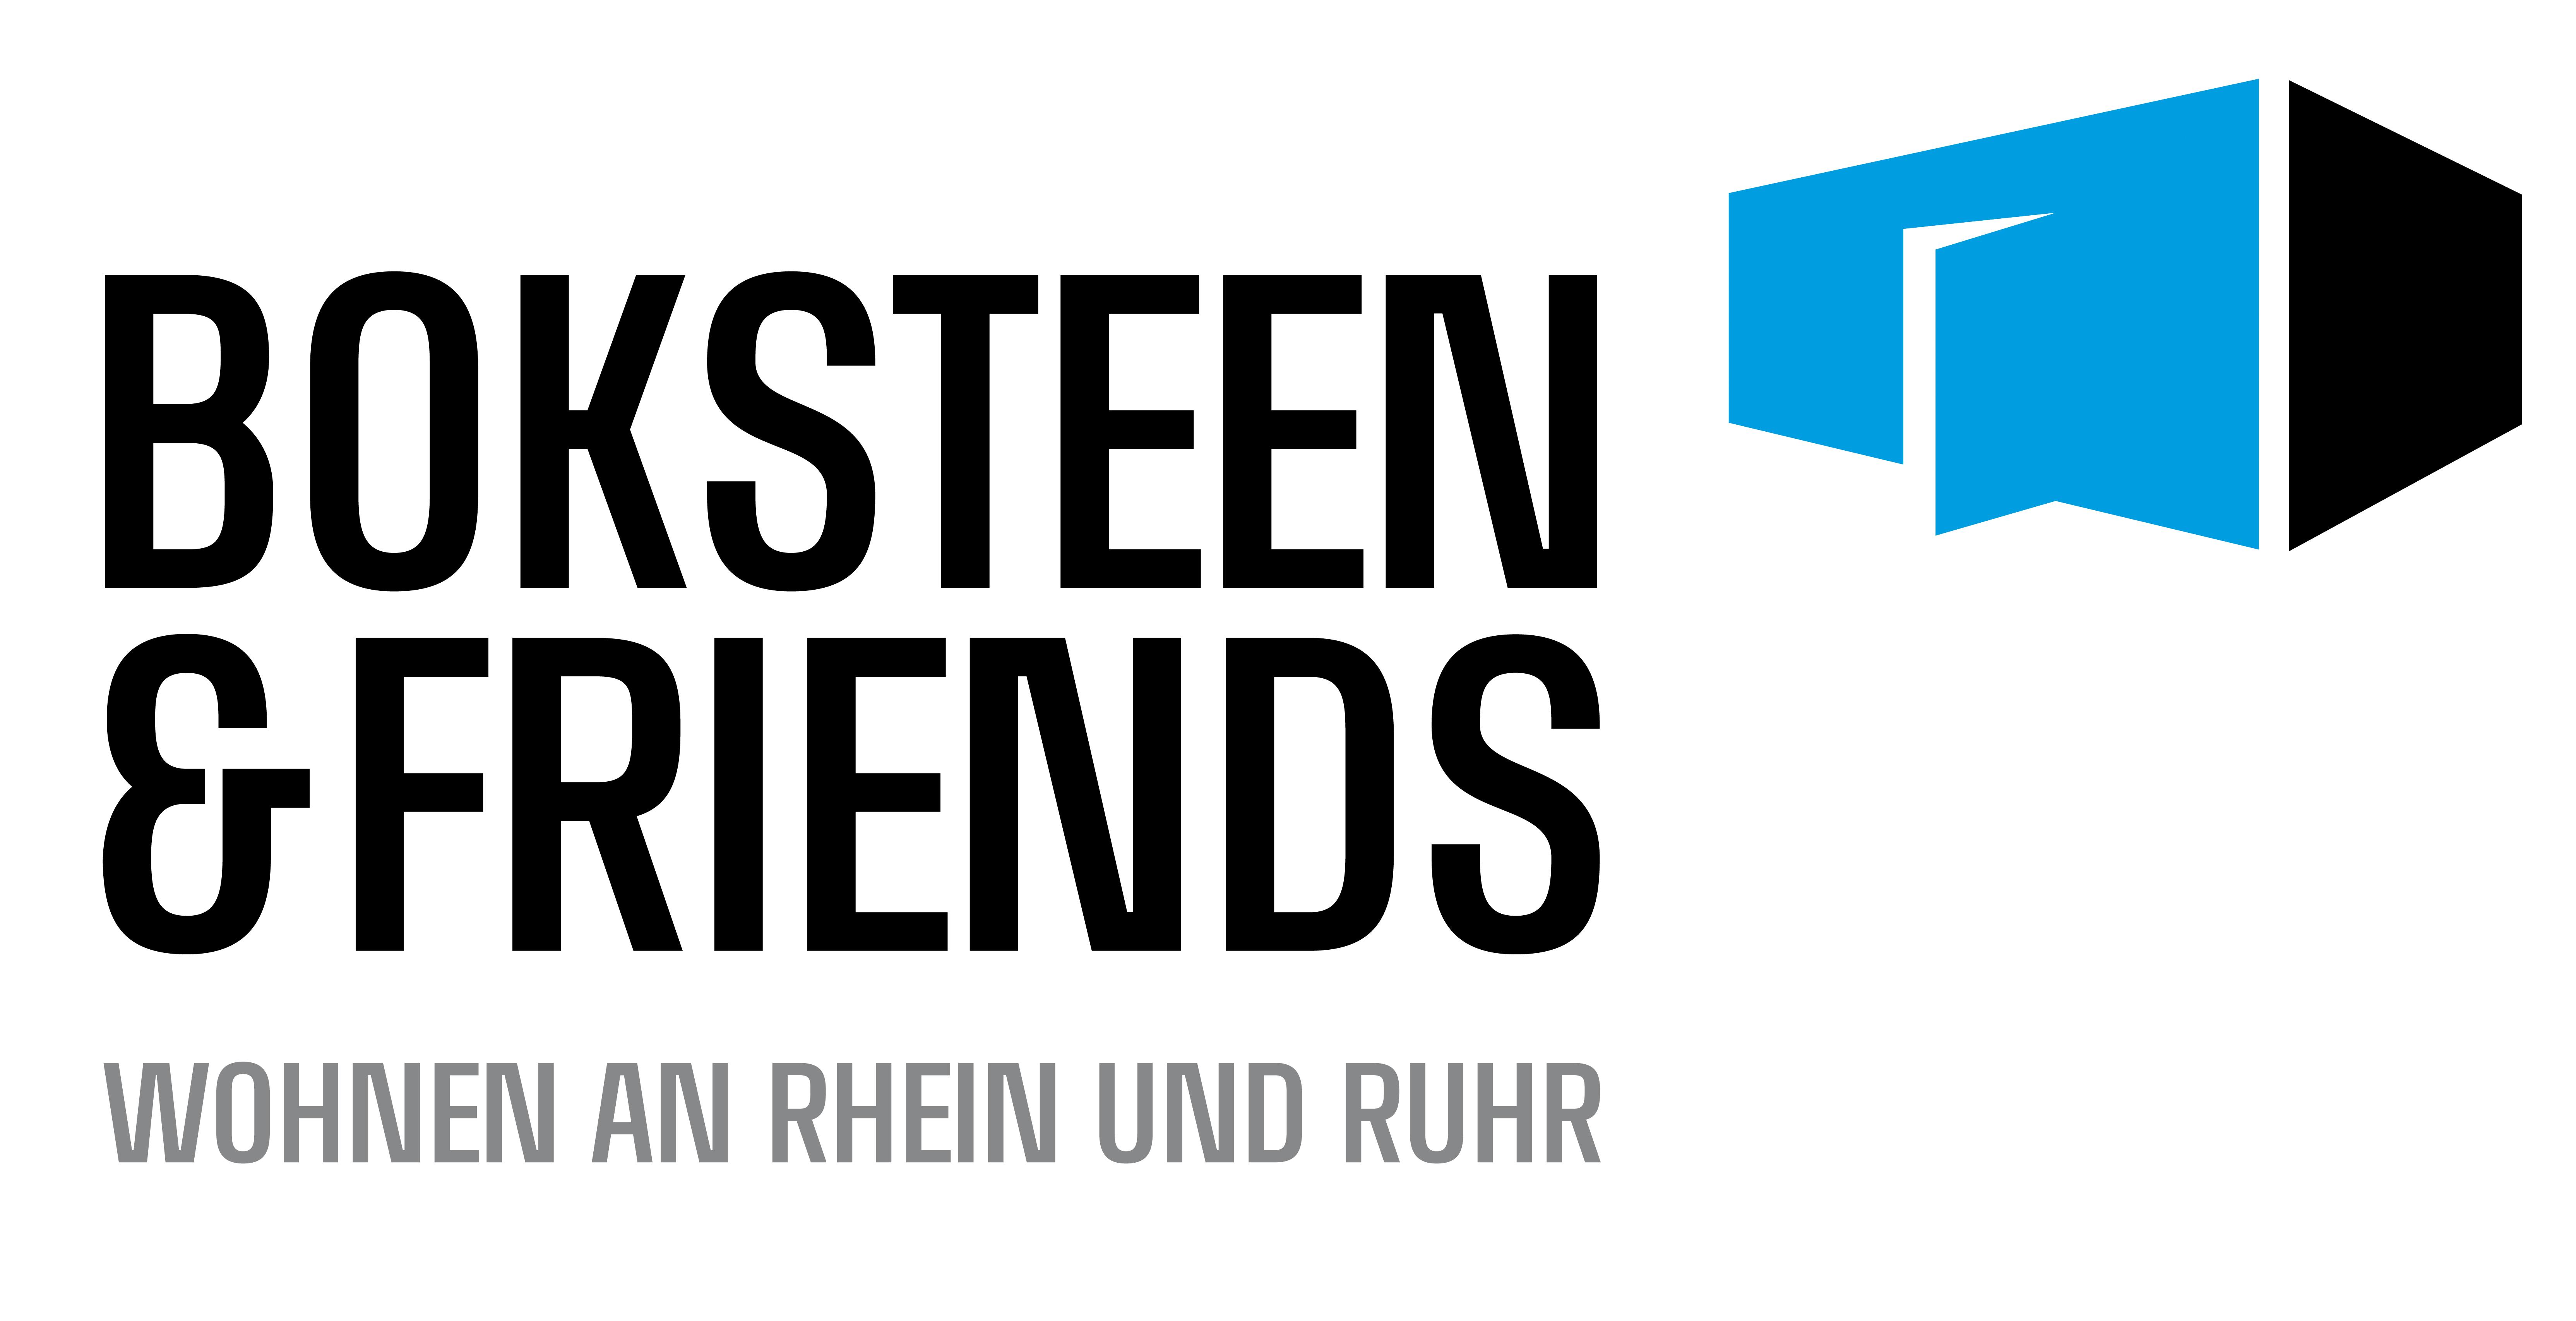 Boksteen & Friends - Ihr Immobilienmakler für die Metropole Ruhr